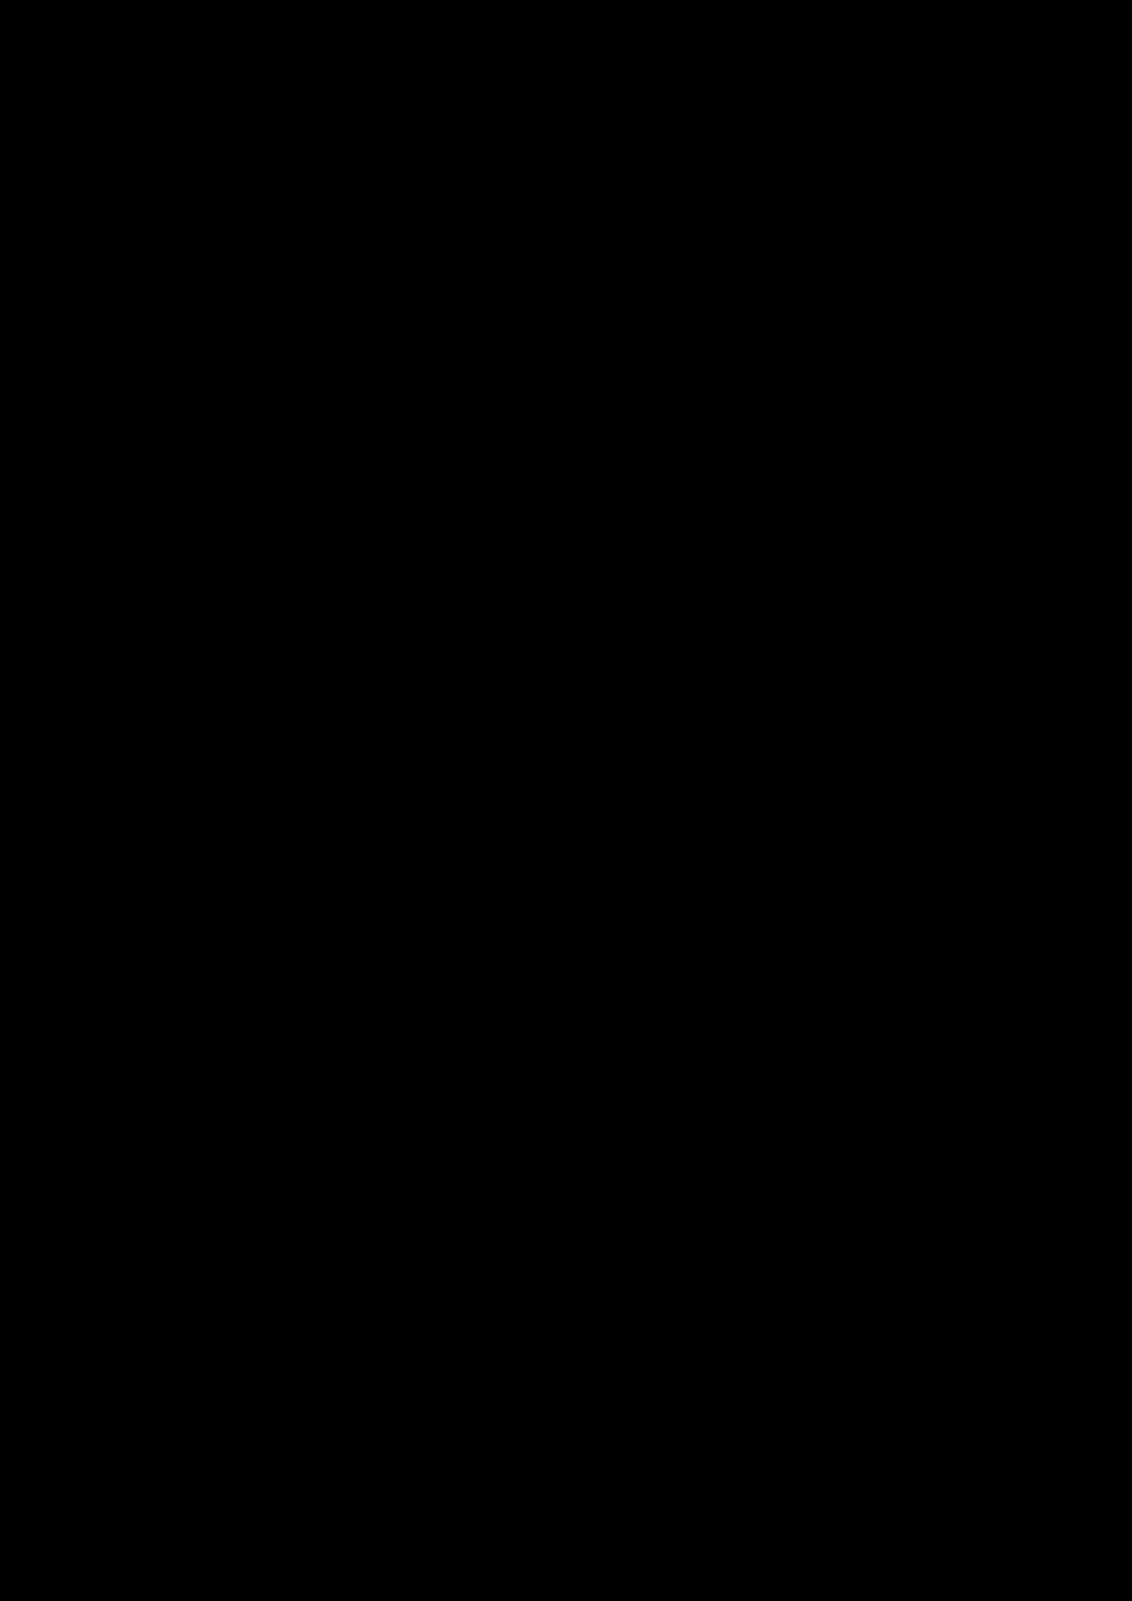 Zagadka volshebnoy stranyi slide, Image 188